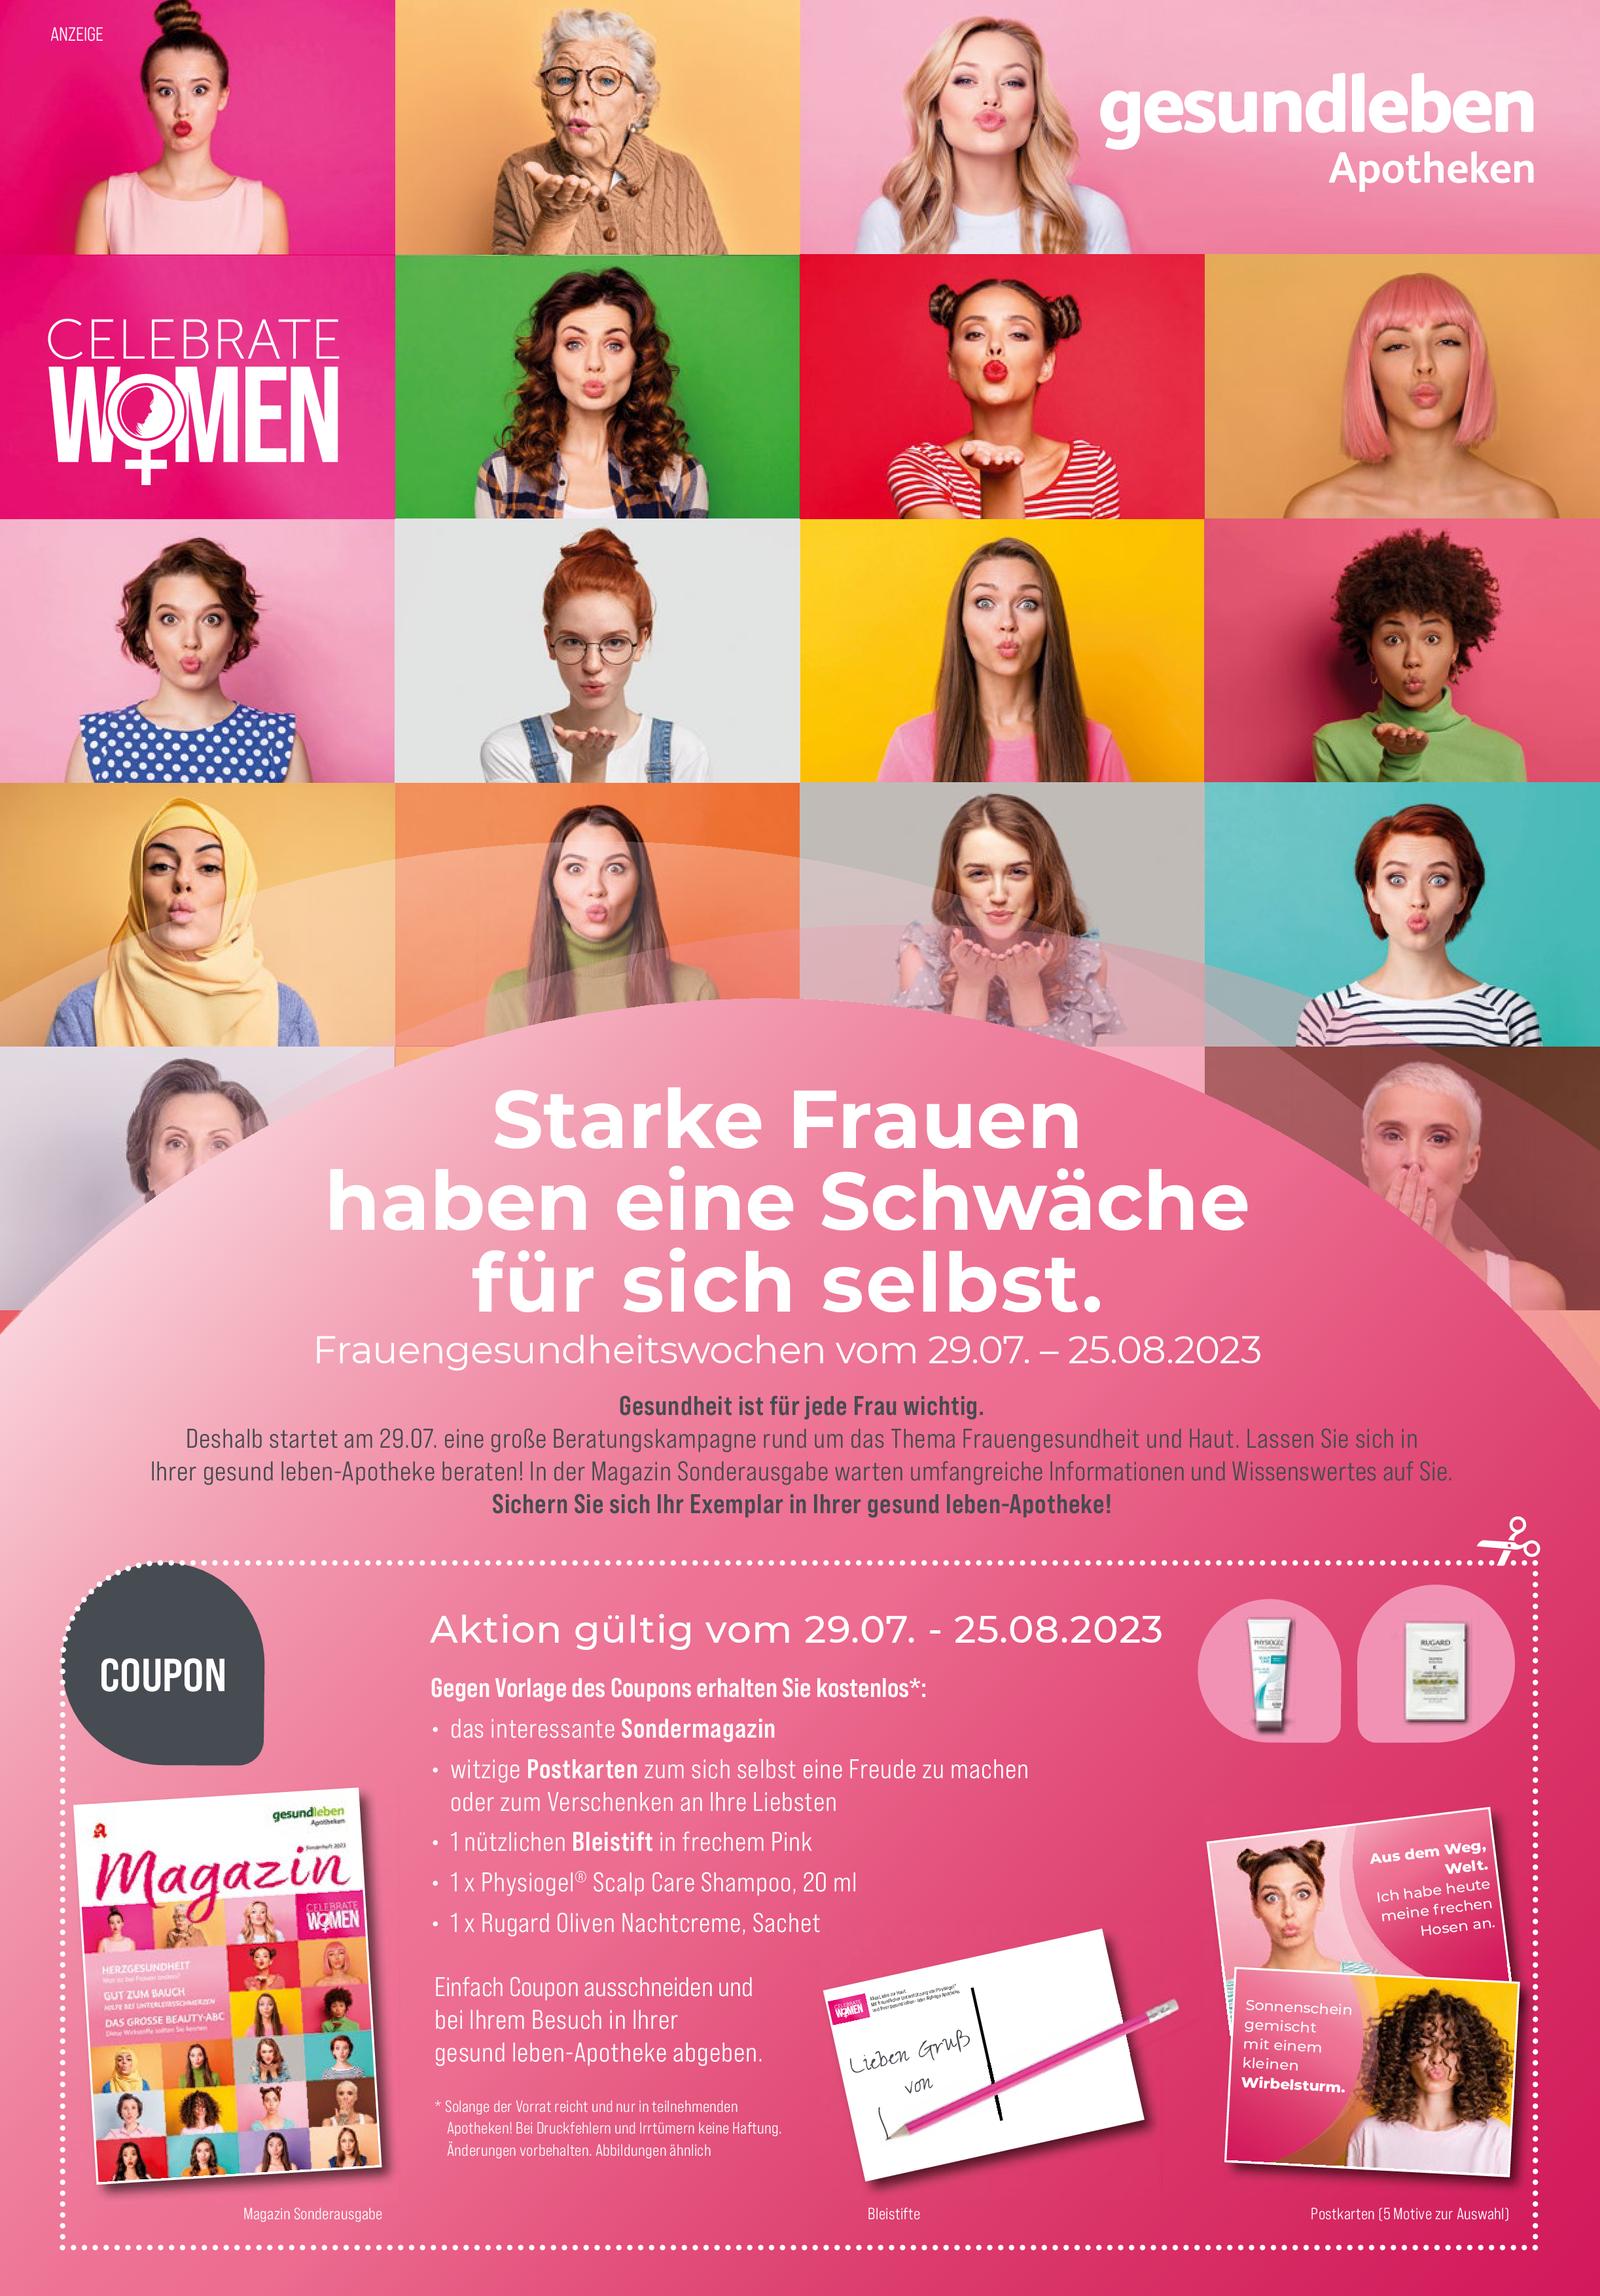 https://mein-uploads.apocdn.net/5077/leaflets/gesundleben_mittel-Seite5.png